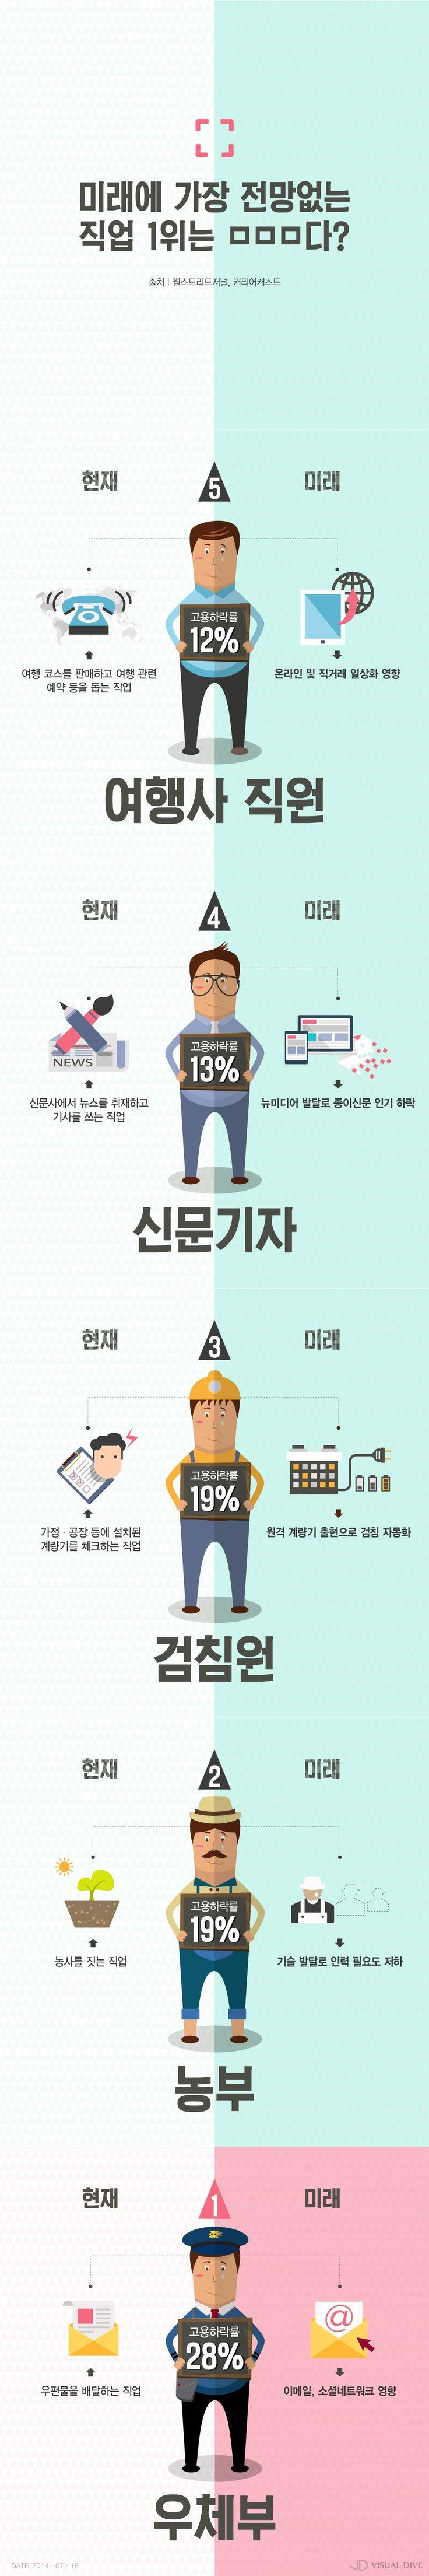 미래 전망없는 직업 1위는 □□□다? [인포그래픽] #Job / #Infographic ⓒ 비주얼다이브 무단 복사·전재·재배포 금지